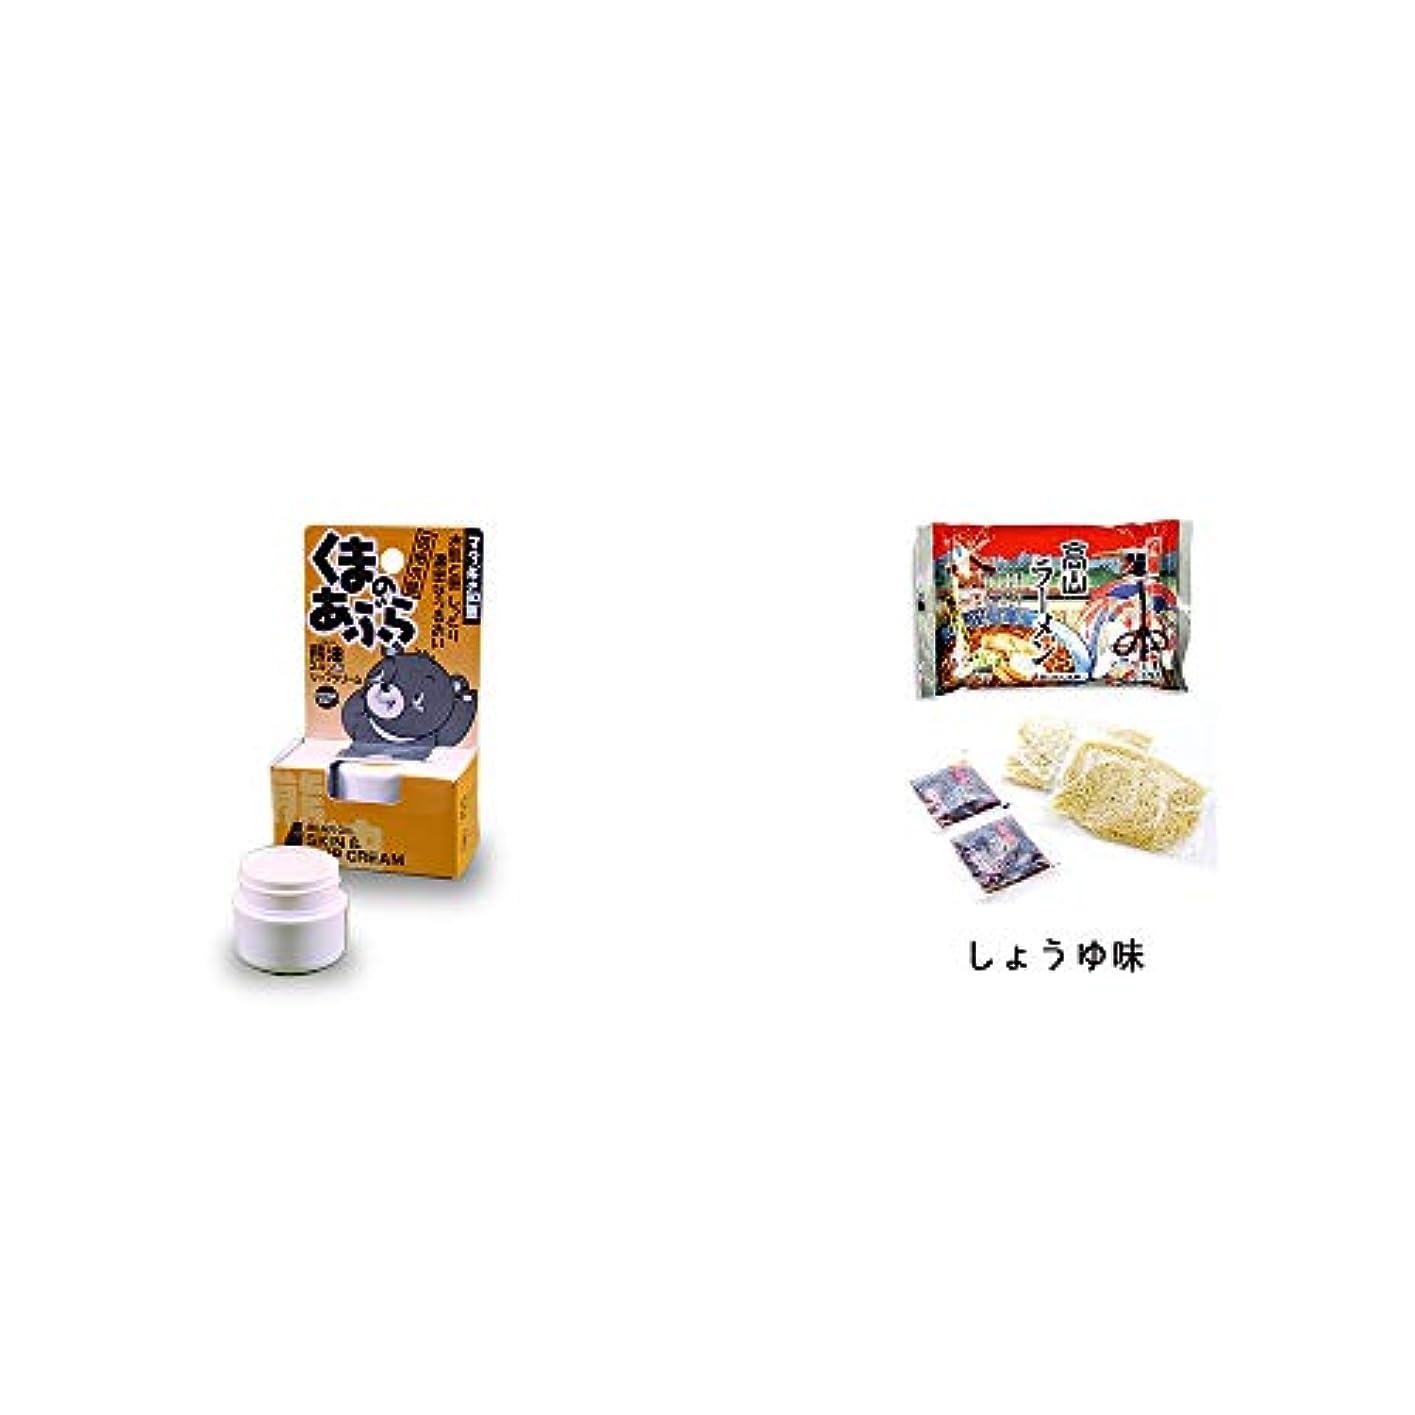 ソーセージ兵器庫三[2点セット] 信州木曽 くまのあぶら 熊油スキン&リップクリーム(9g)?飛騨高山ラーメン[生麺?スープ付 (しょうゆ味)]